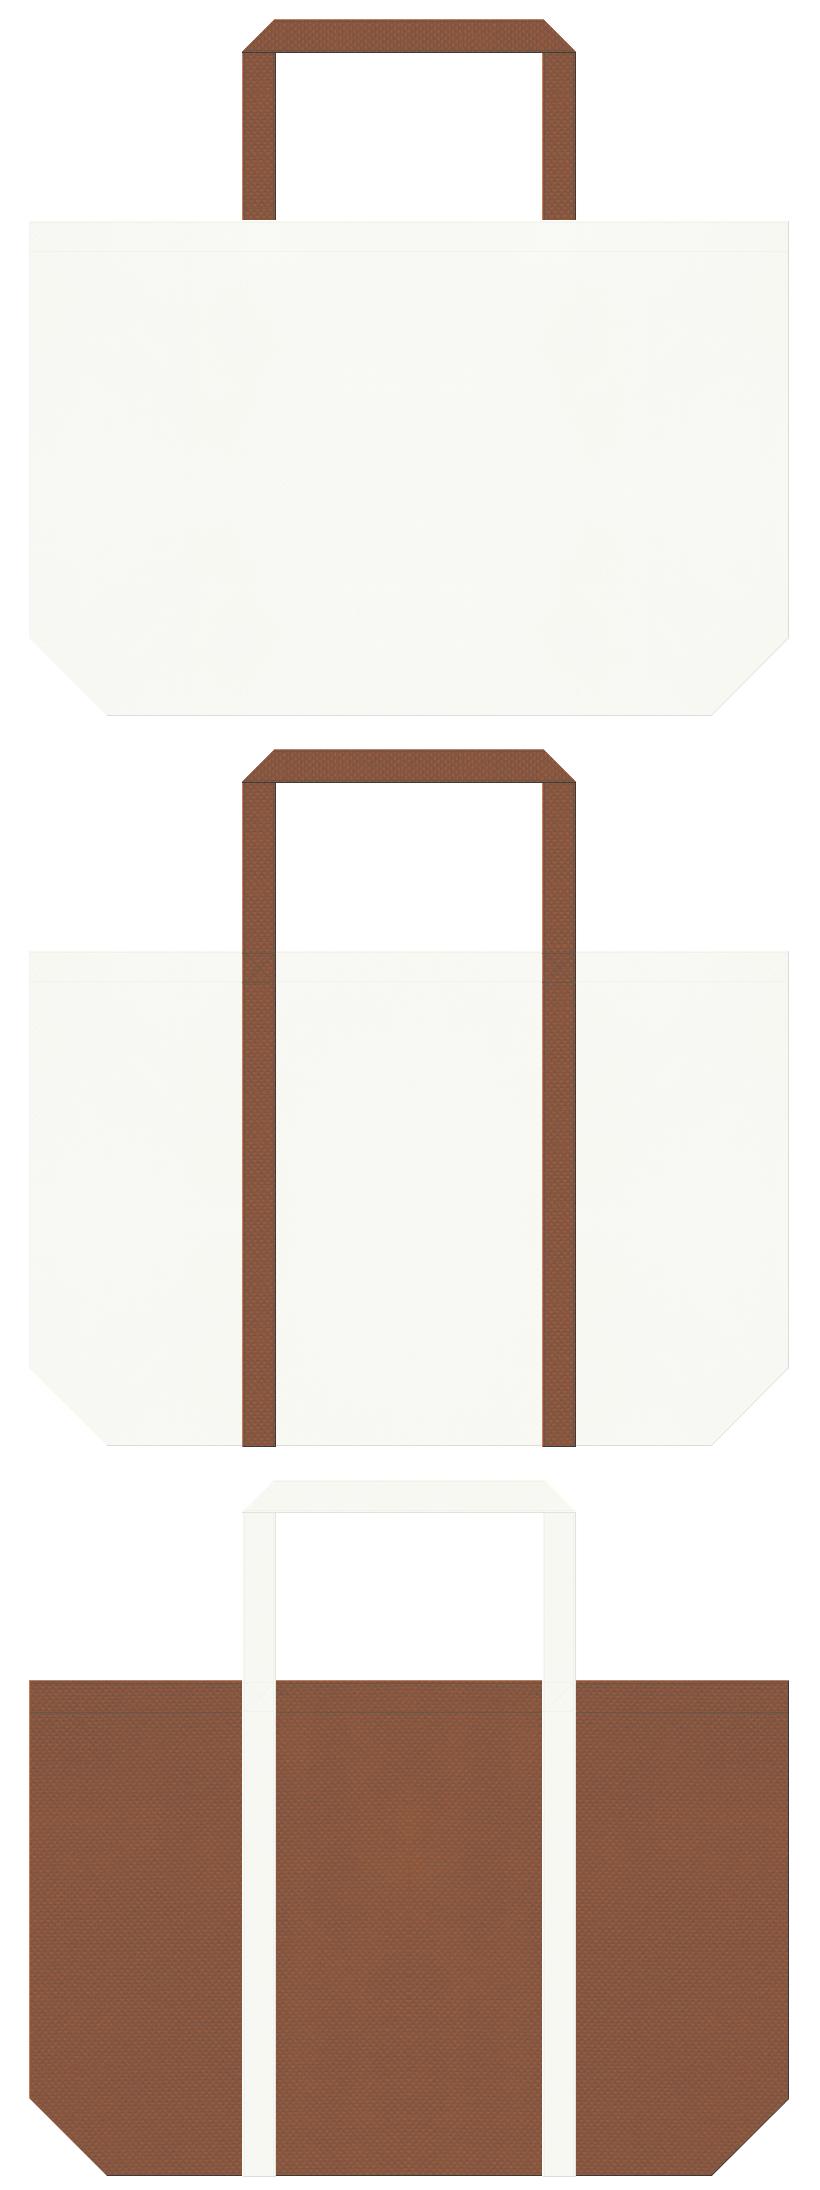 木・木工・工作・DIYイベント・住宅・ココナッツオイル・日焼け止め・乳製品・牧場・ミルクチョコレート・スイーツ・ロールケーキ・ベーカリーショップにお奨めの不織布バッグデザイン:オフホワイト色と茶色のコーデ